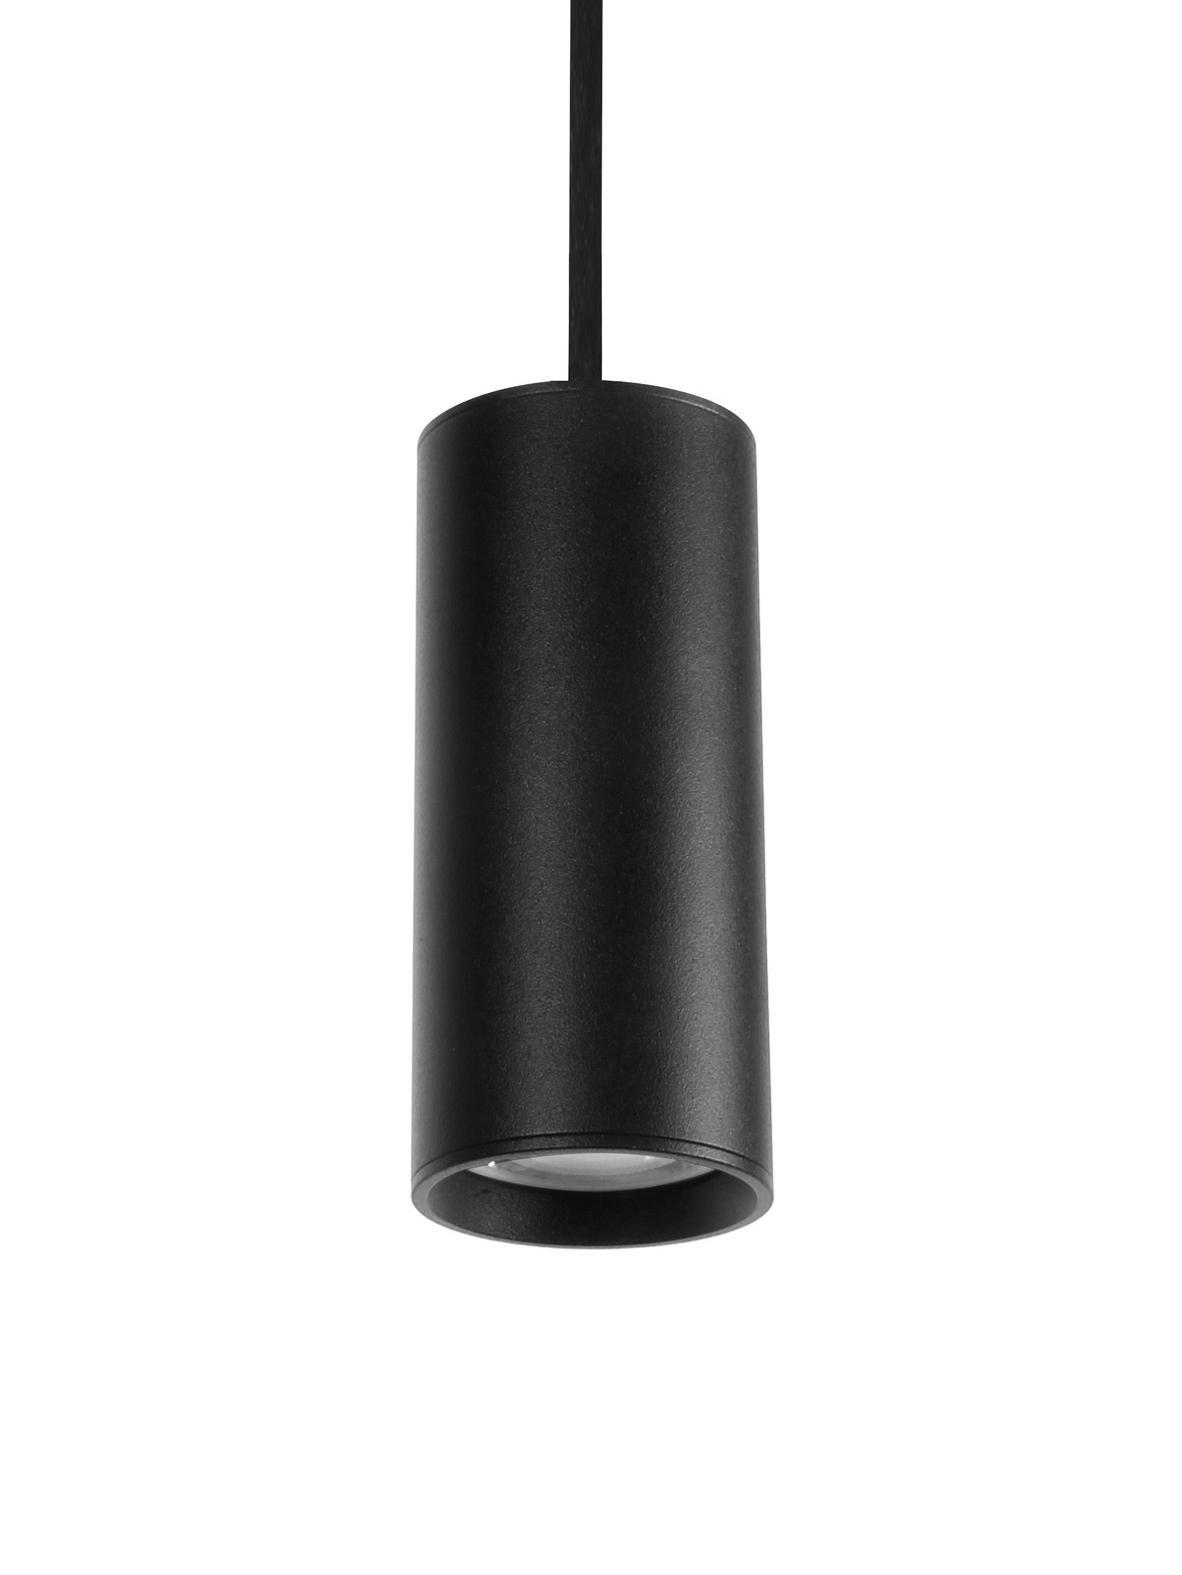 Lampada a sospensione nera Aila, Paralume: alluminio rivestito, Baldacchino: alluminio rivestito, Nero, Ø 6 x Alt. 120 cm